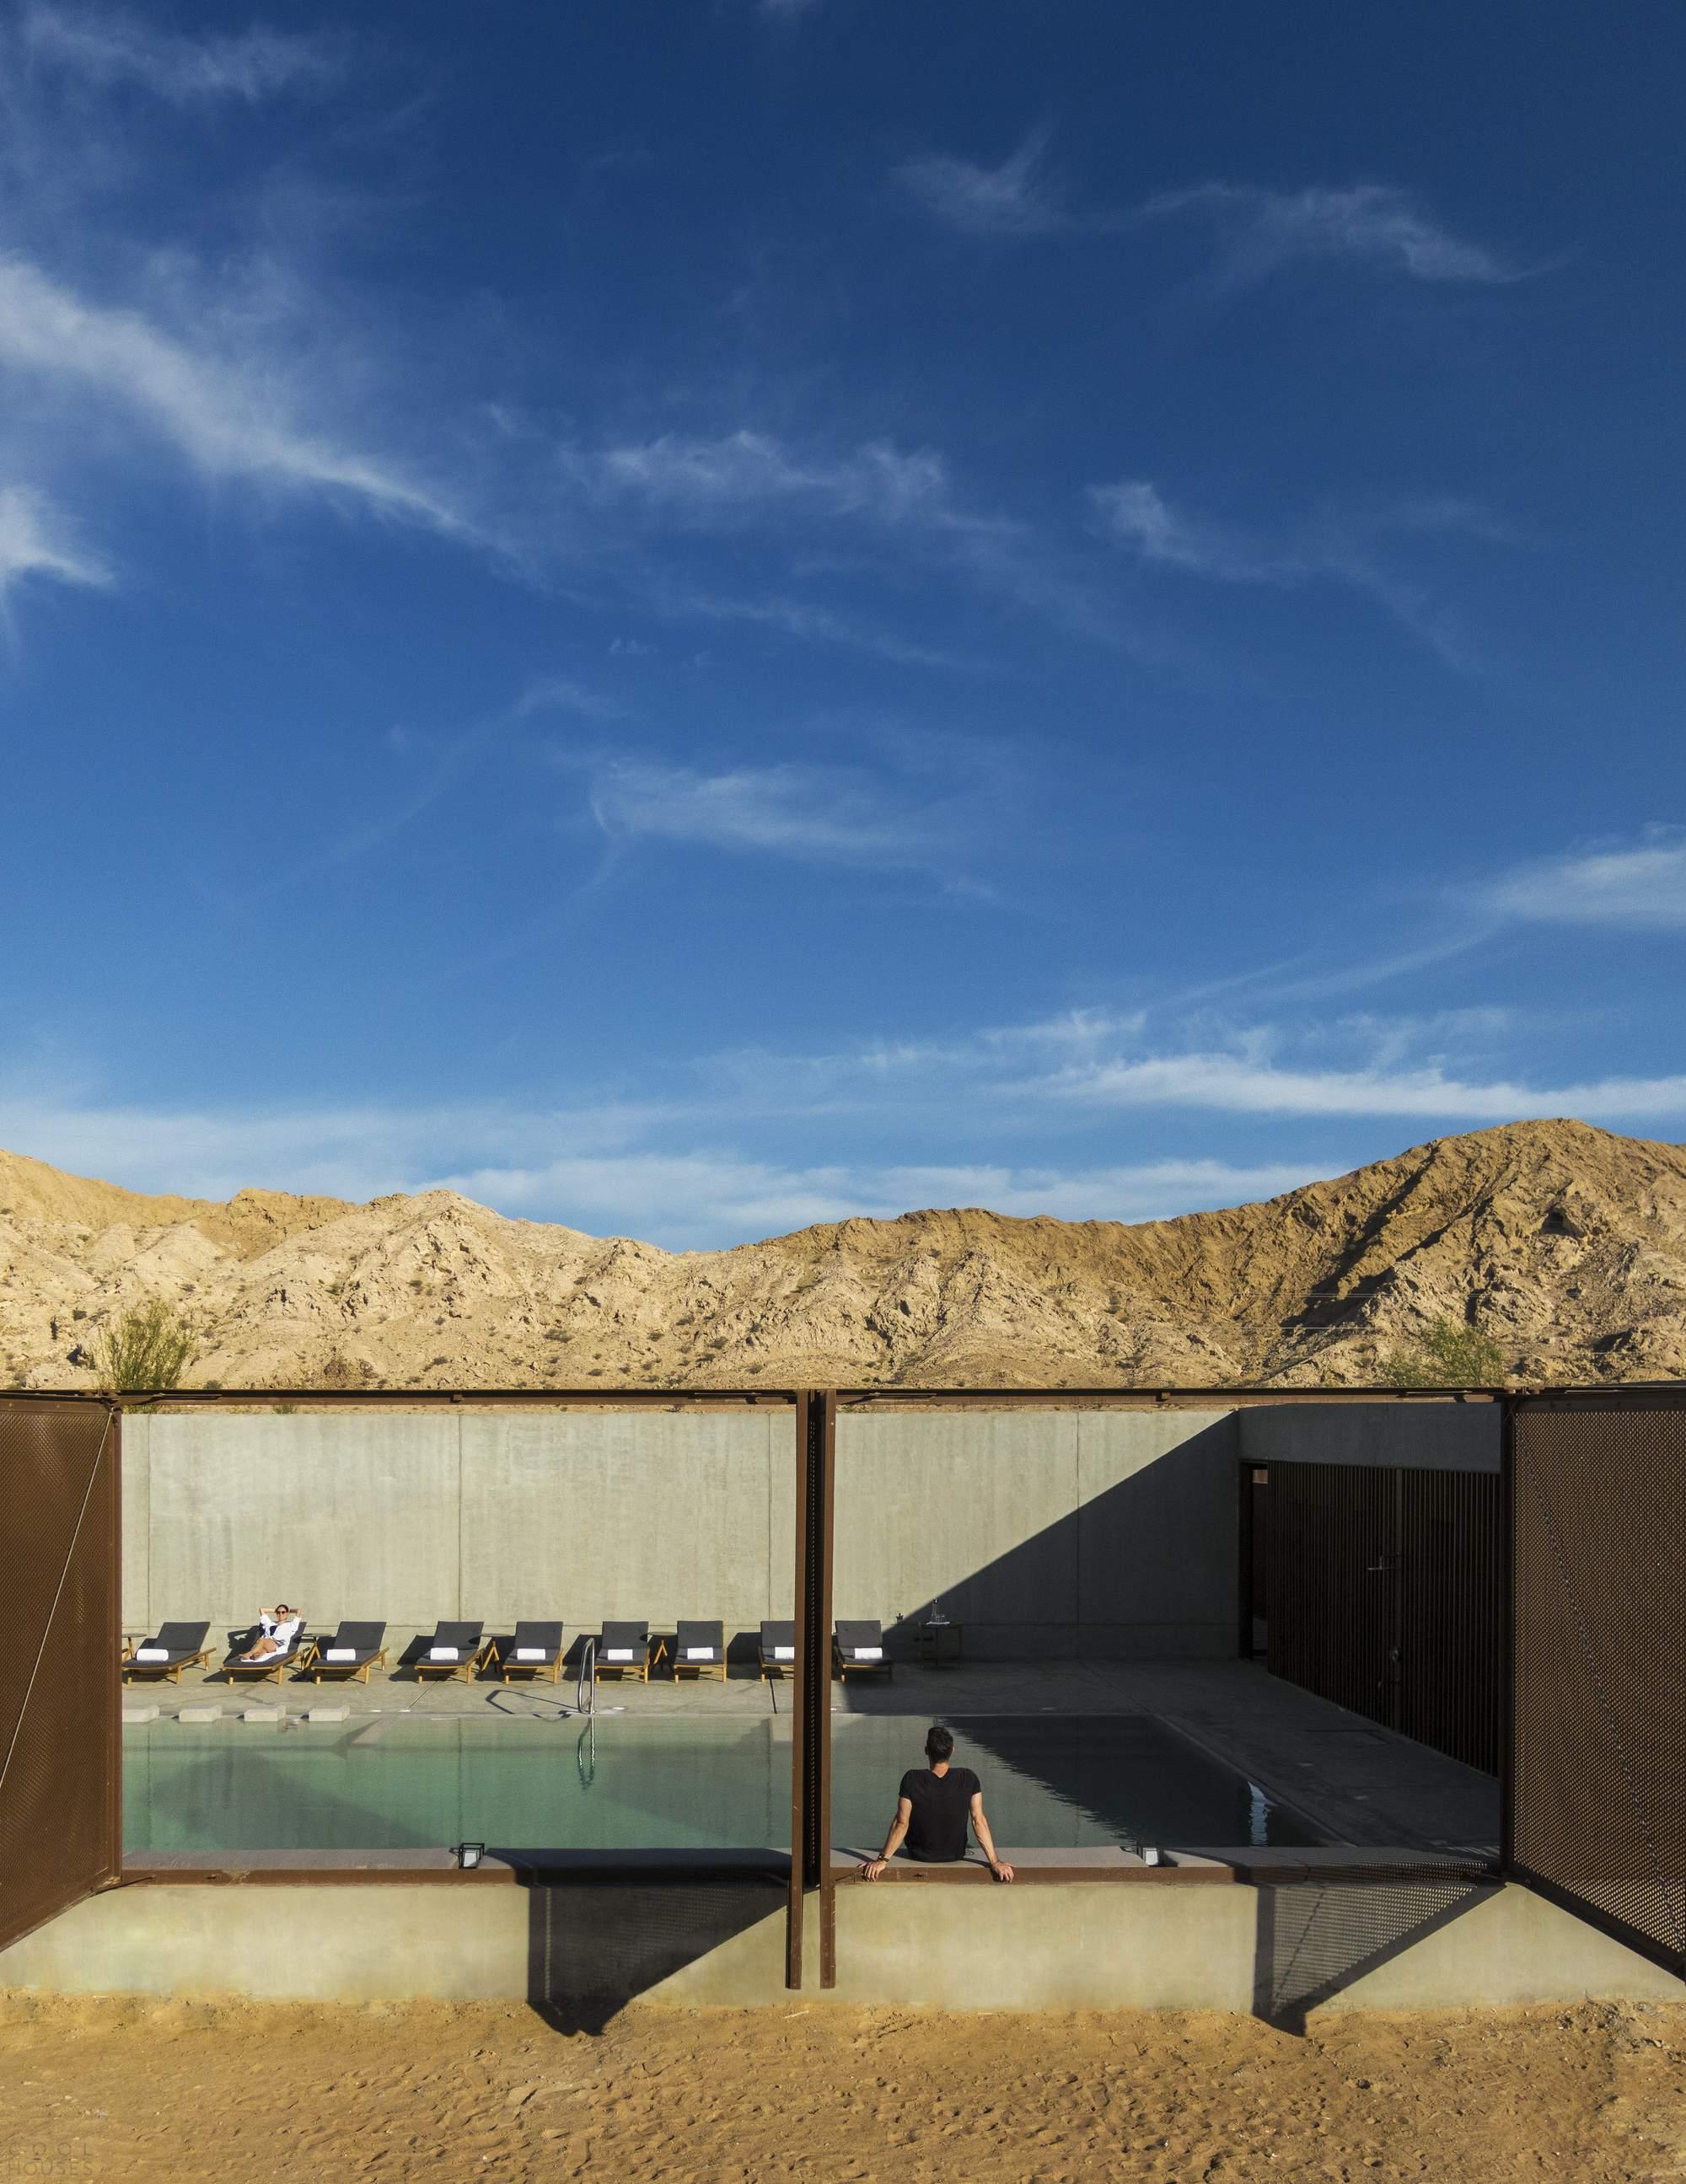 Спа-отель в багровых песках пустыни, Объединенные Арабские Эмираты